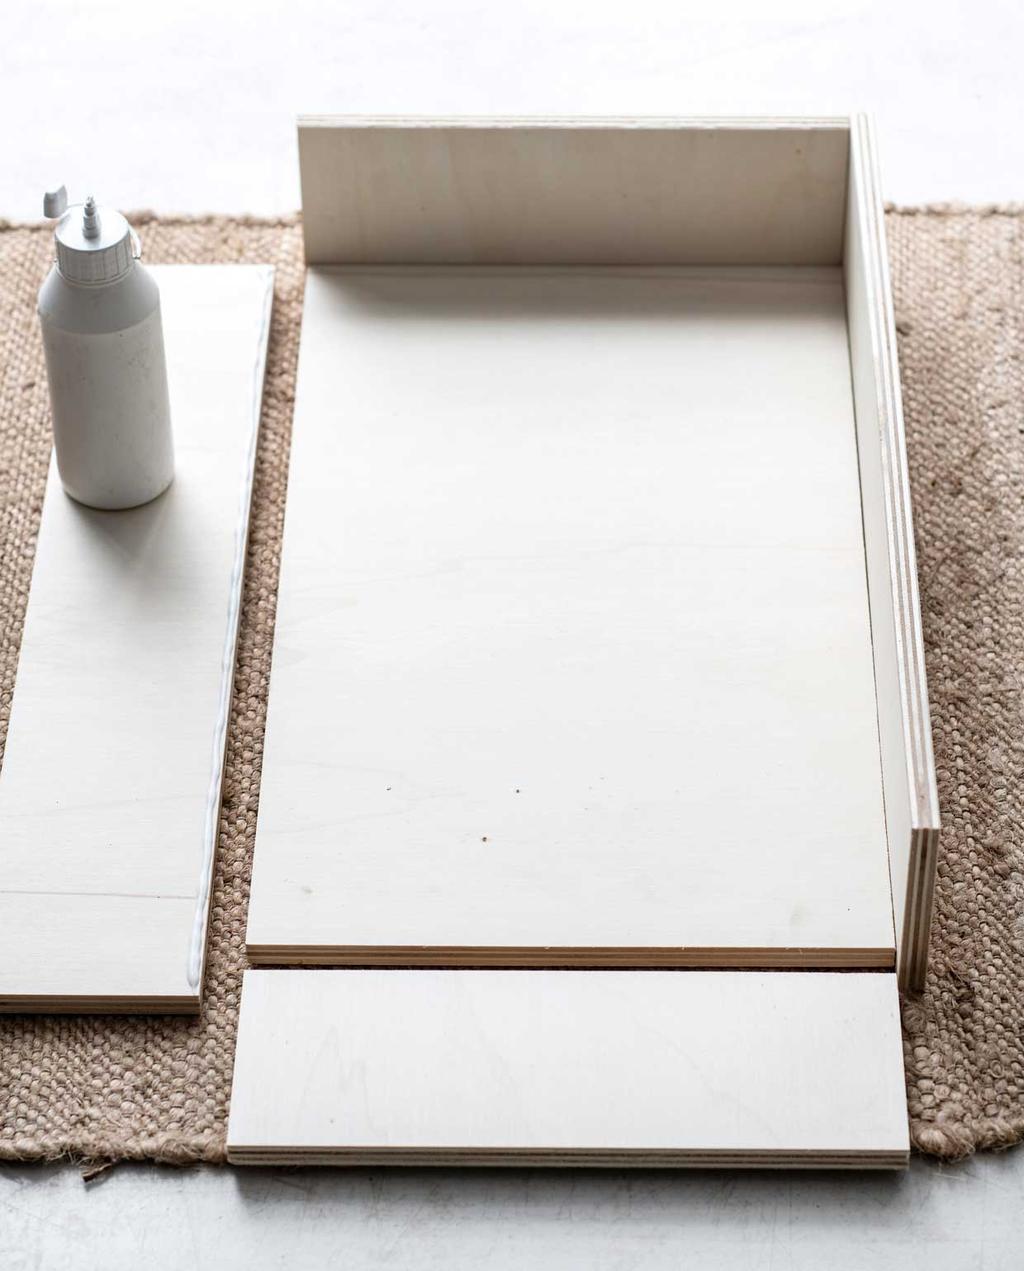 vtwonen 11 - DIY M bedtafeltje houten planken